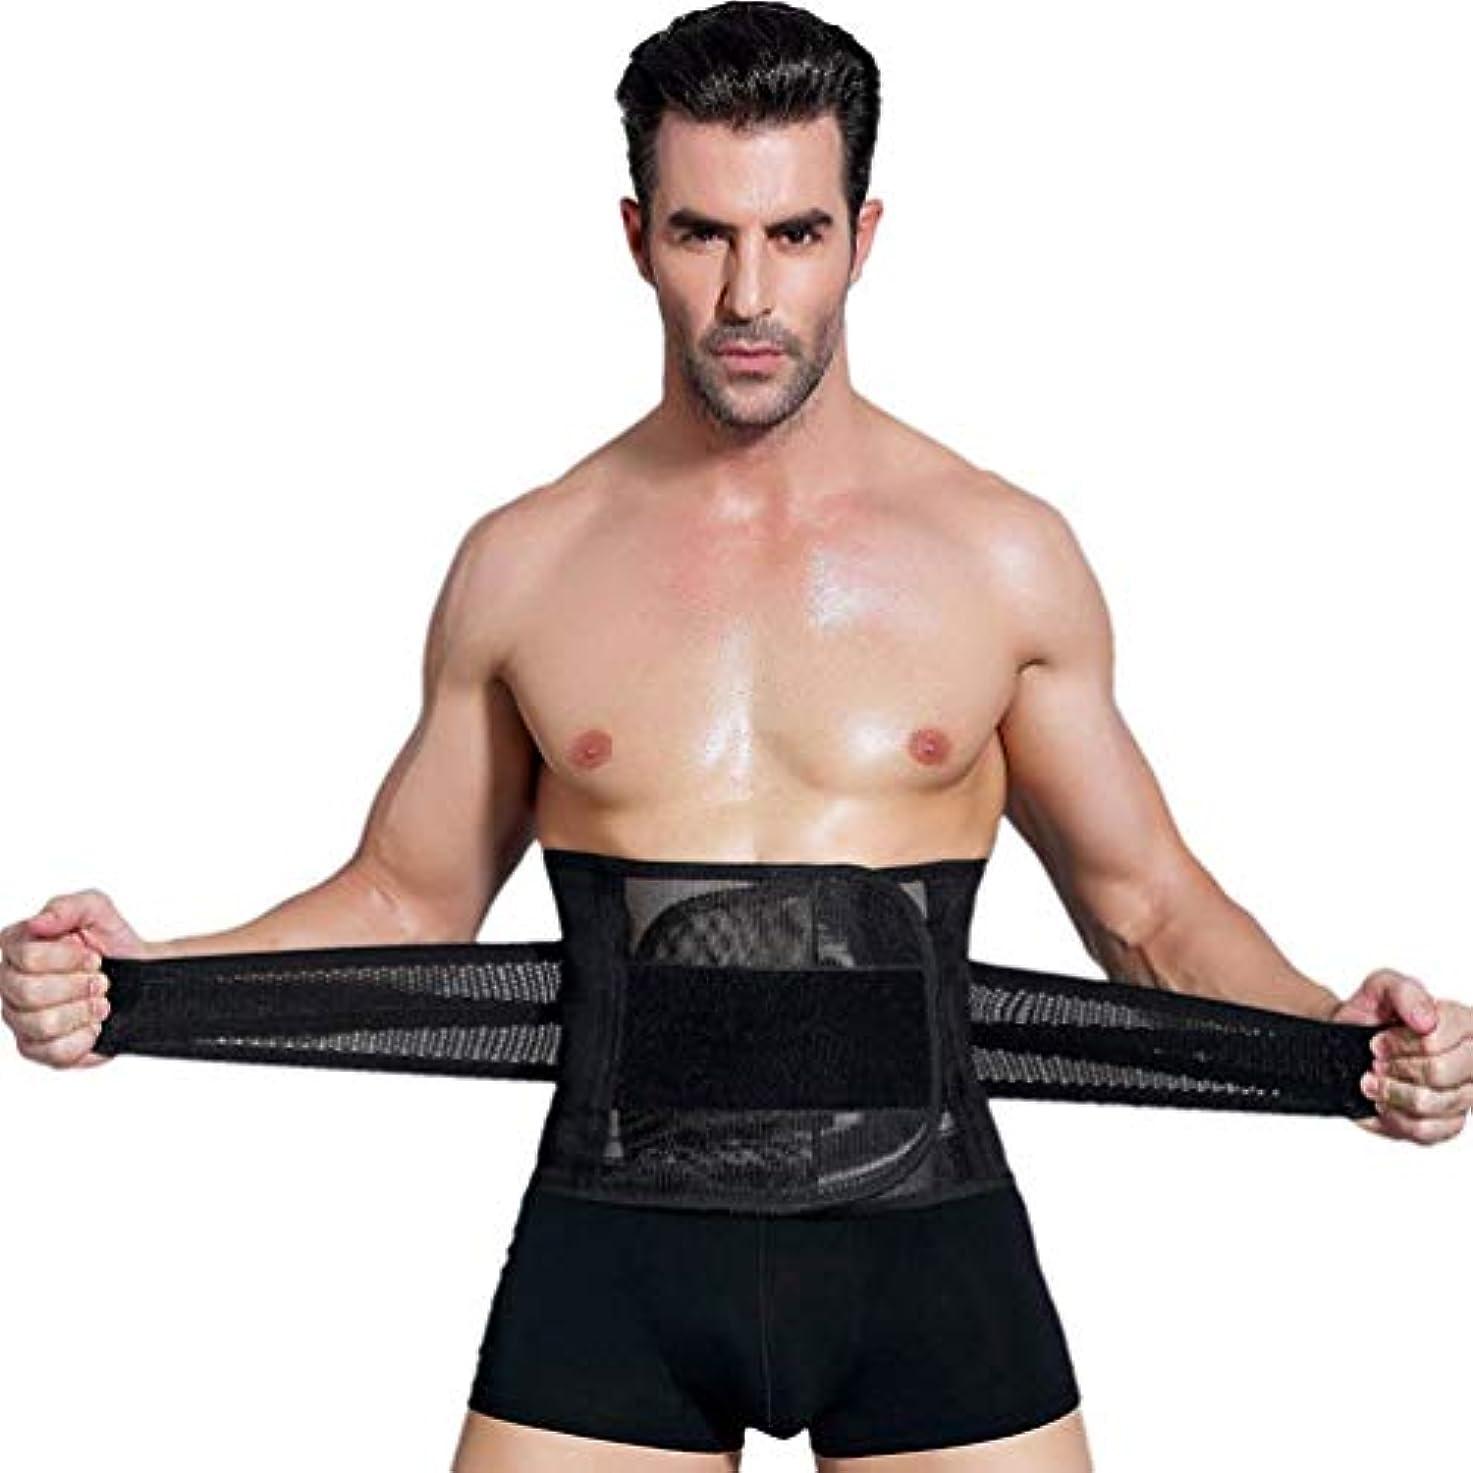 オーク化学つかむ男性ボディシェイパーコルセット腹部おなかコントロールウエストトレーナーニッパー脂肪燃焼ガードル痩身腹ベルト用男性 - ブラックXXL